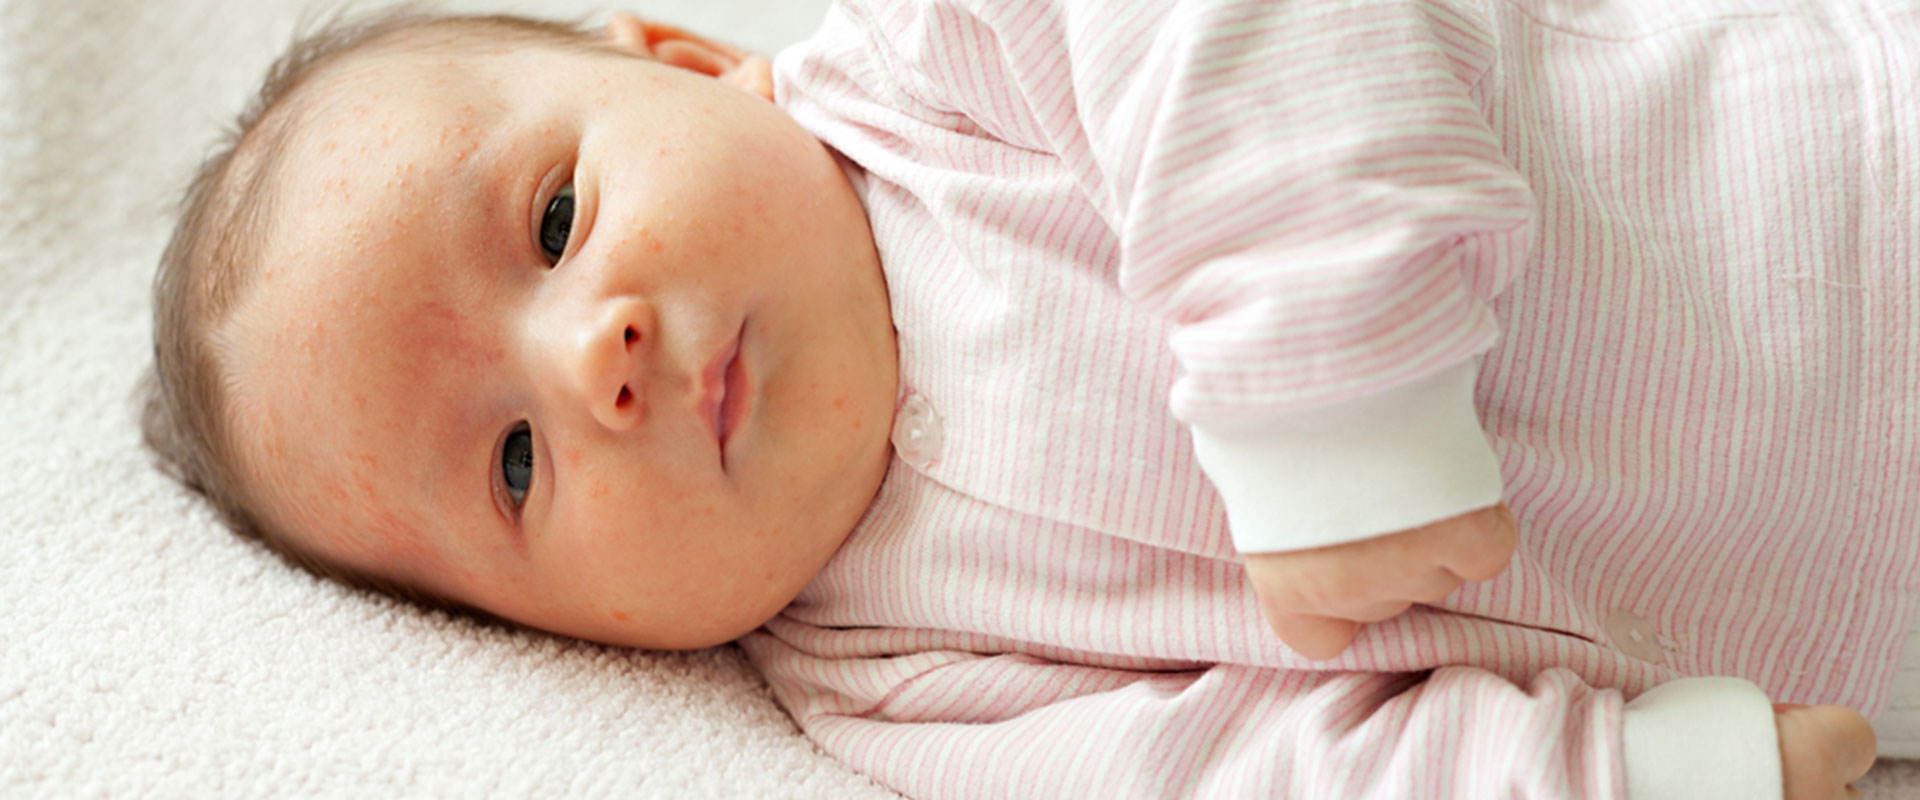 Bebeklerde isilik nasıl geçer